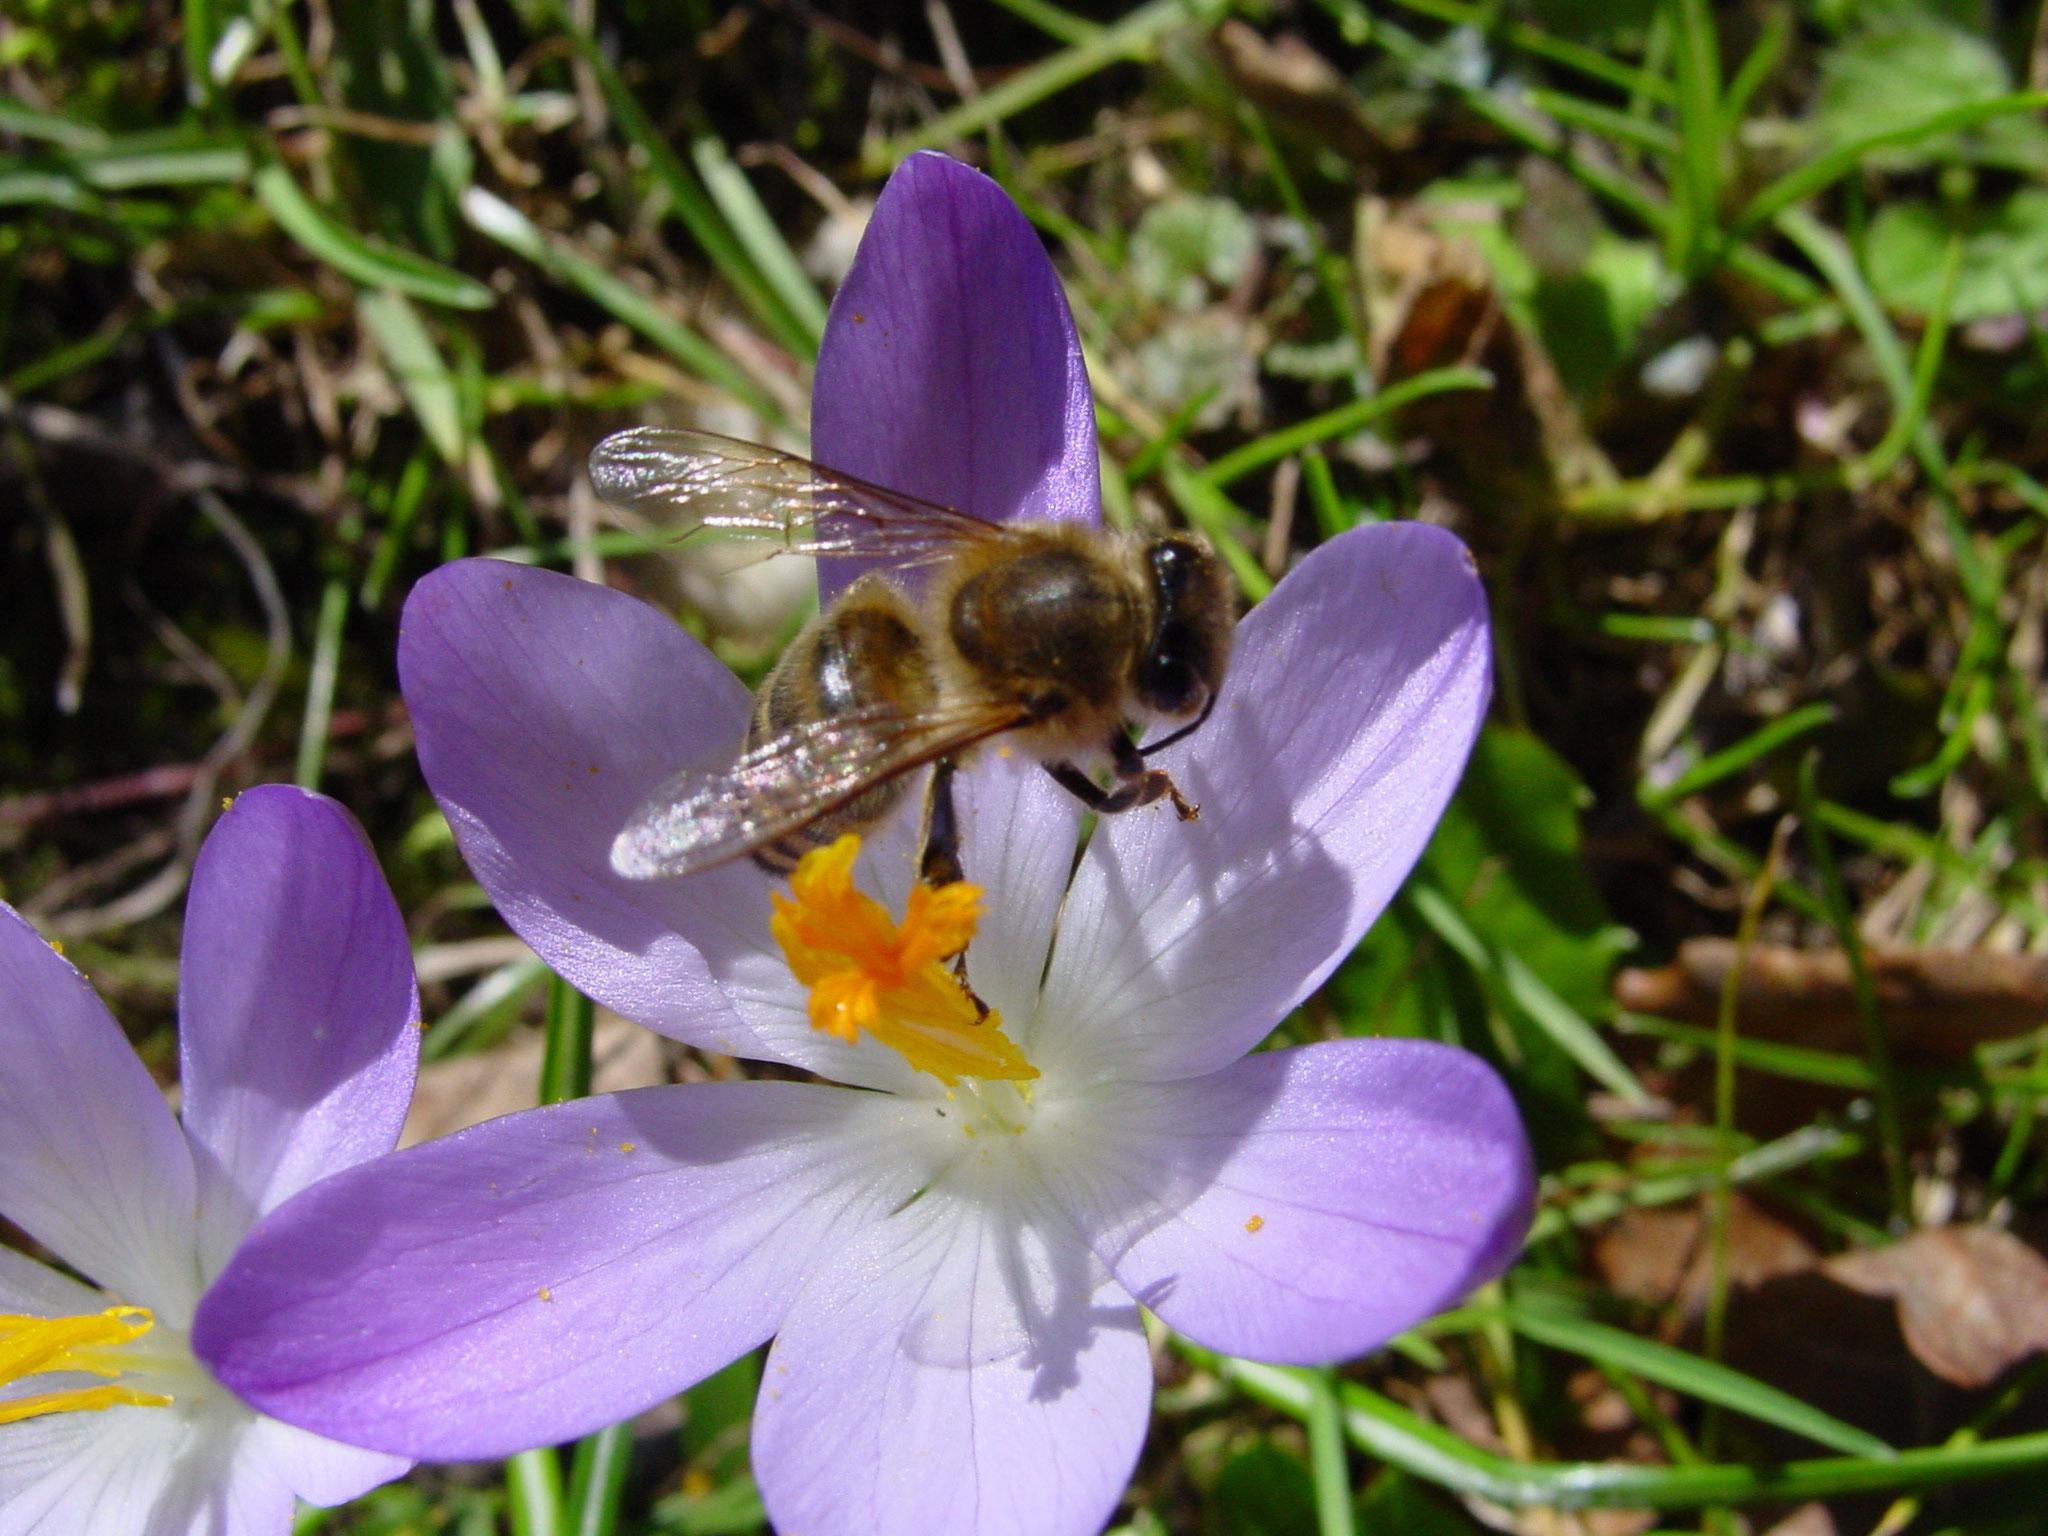 Eine dunkle Biene im Flug über einen Krokus.